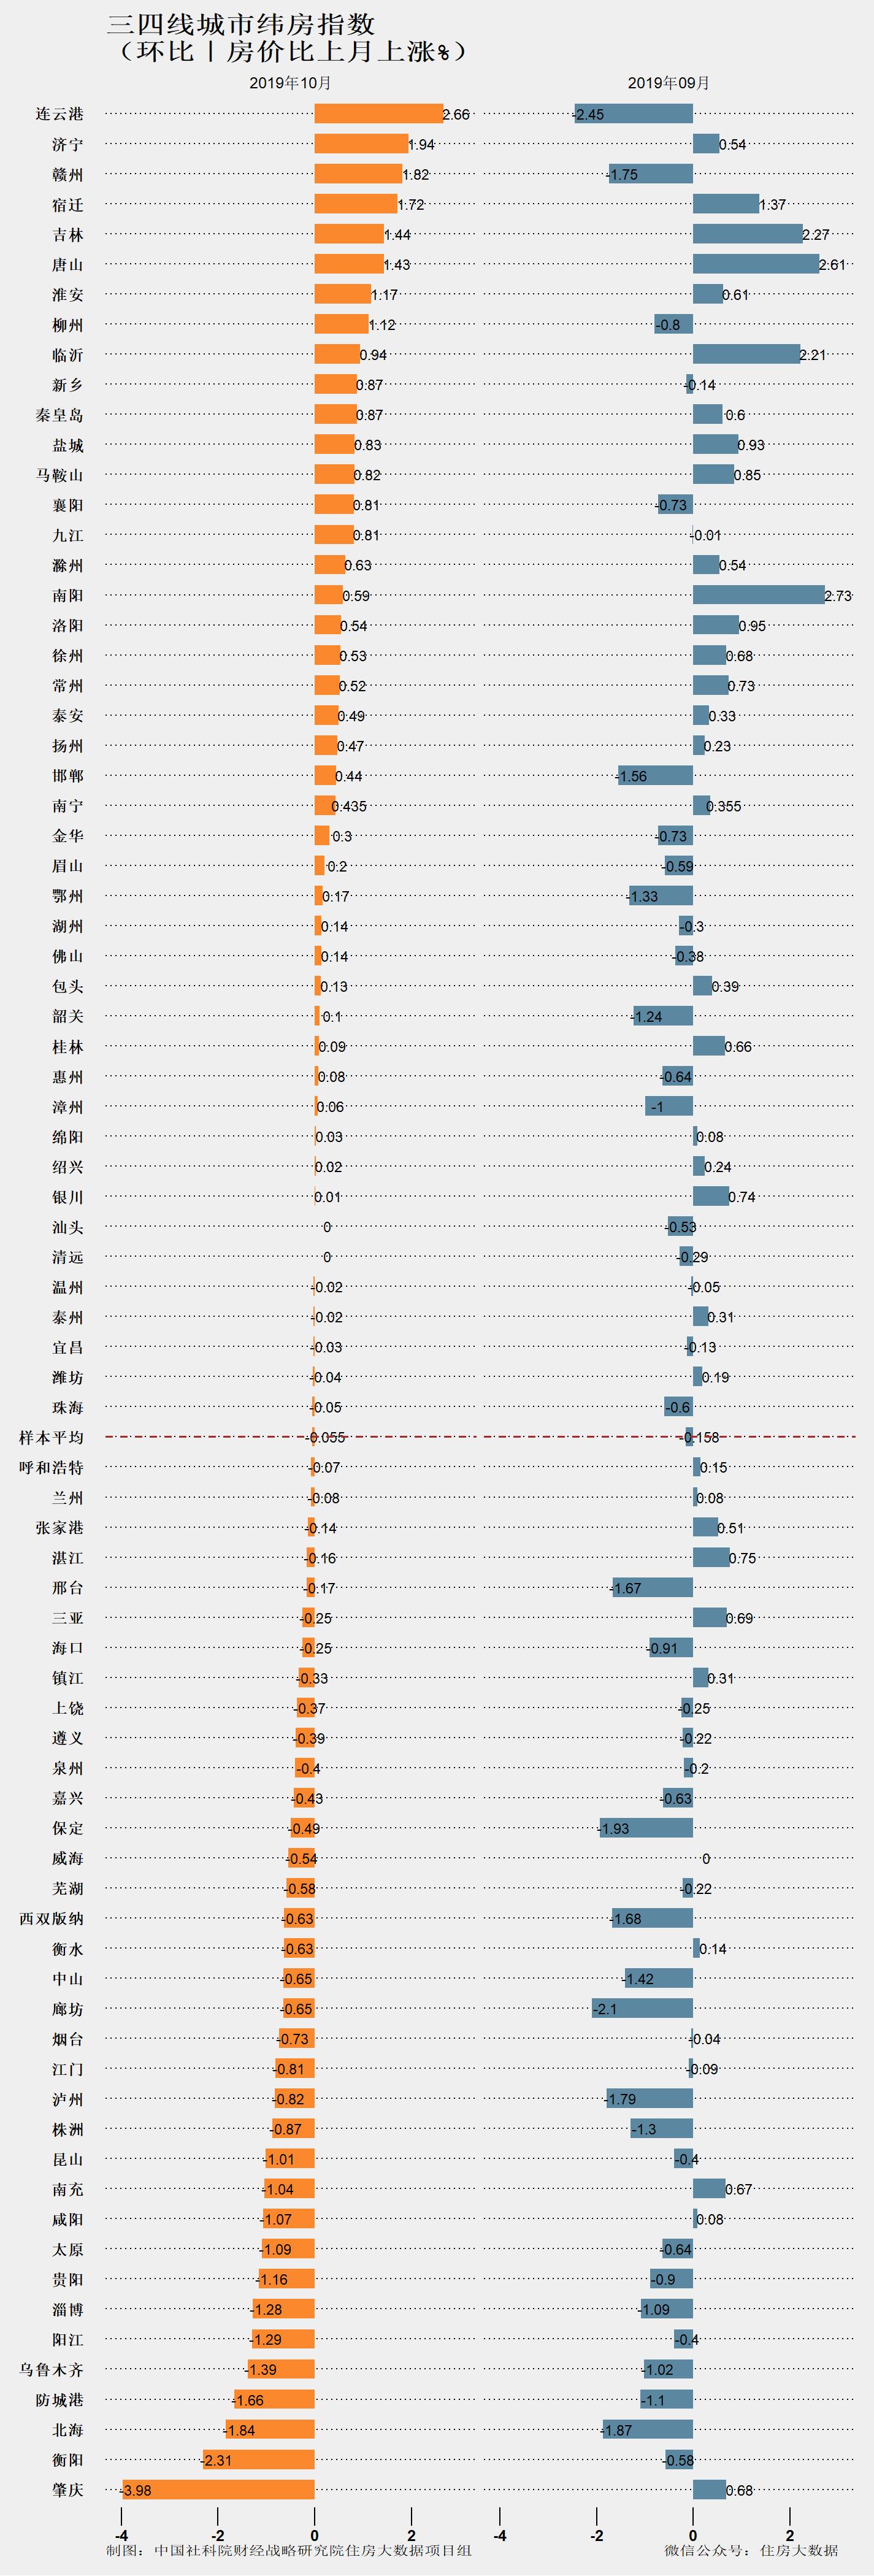 社科院:2019年三四线城市房价下跌个数增多 部分涨速仍相对较快-中国网地产